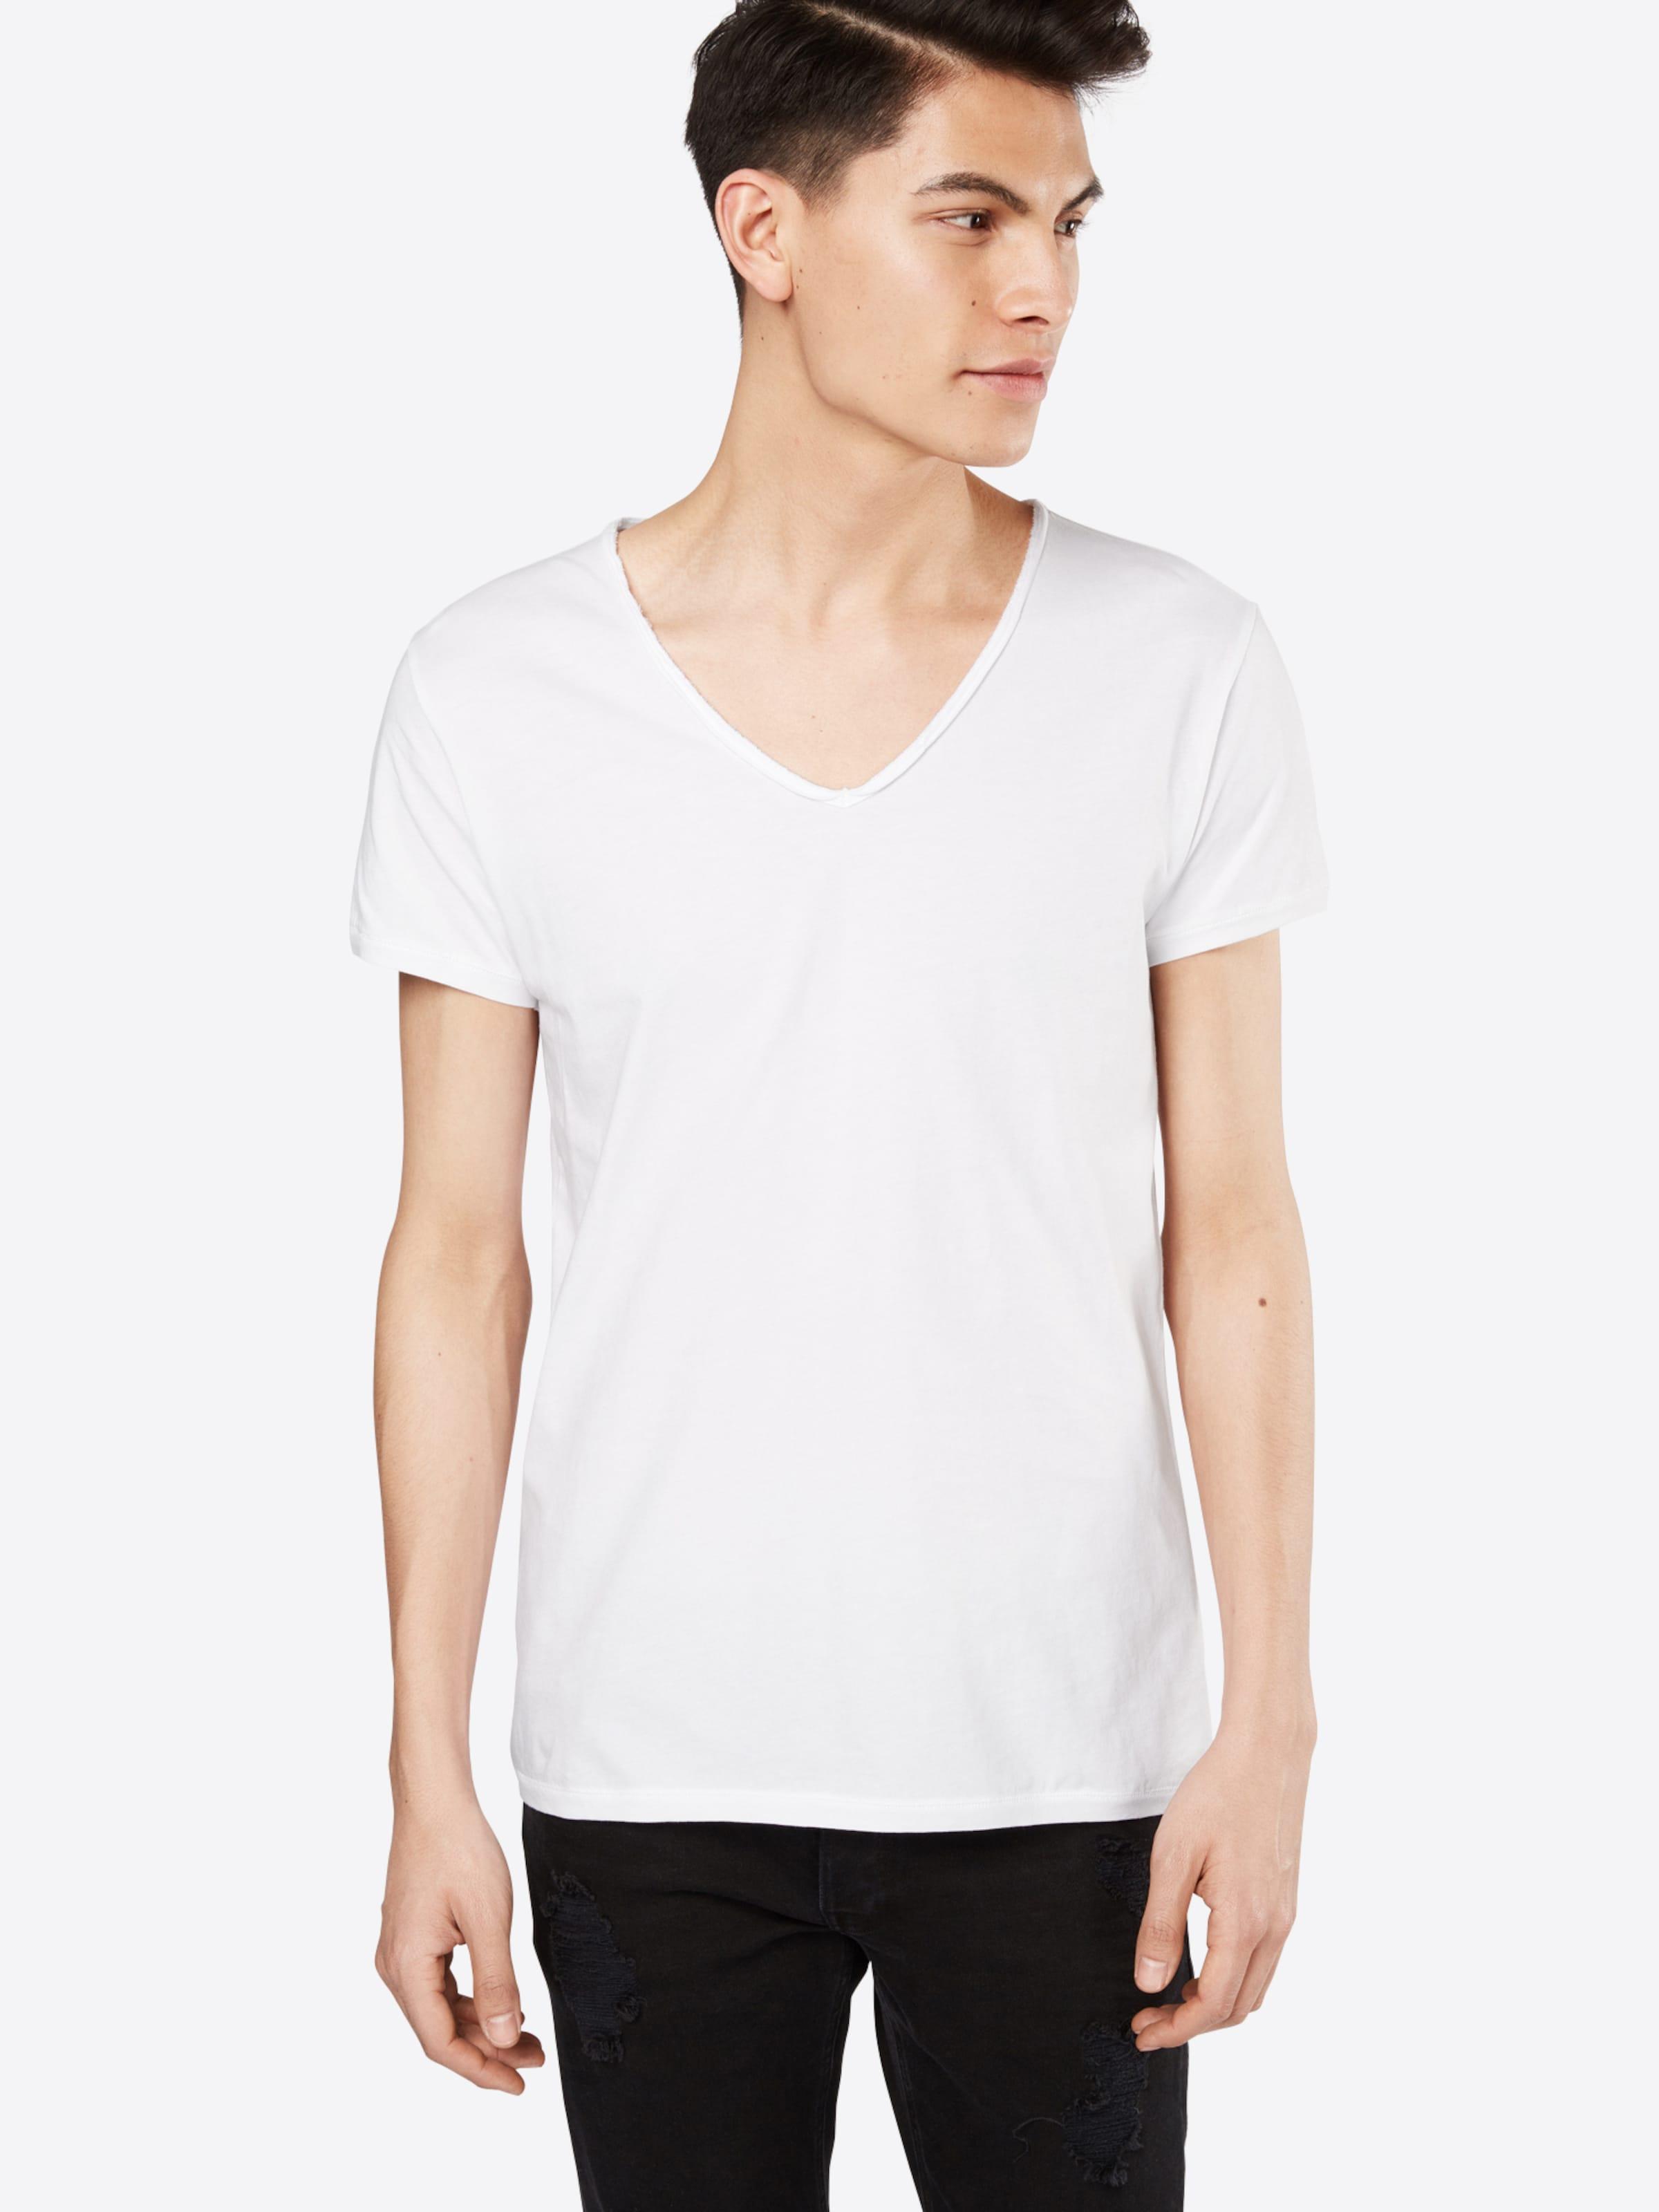 tigha Shirt mit V-Ausschnitt 'Malik' Online Einkaufen Erstaunlicher Preis Günstig Online 3hERiKWr